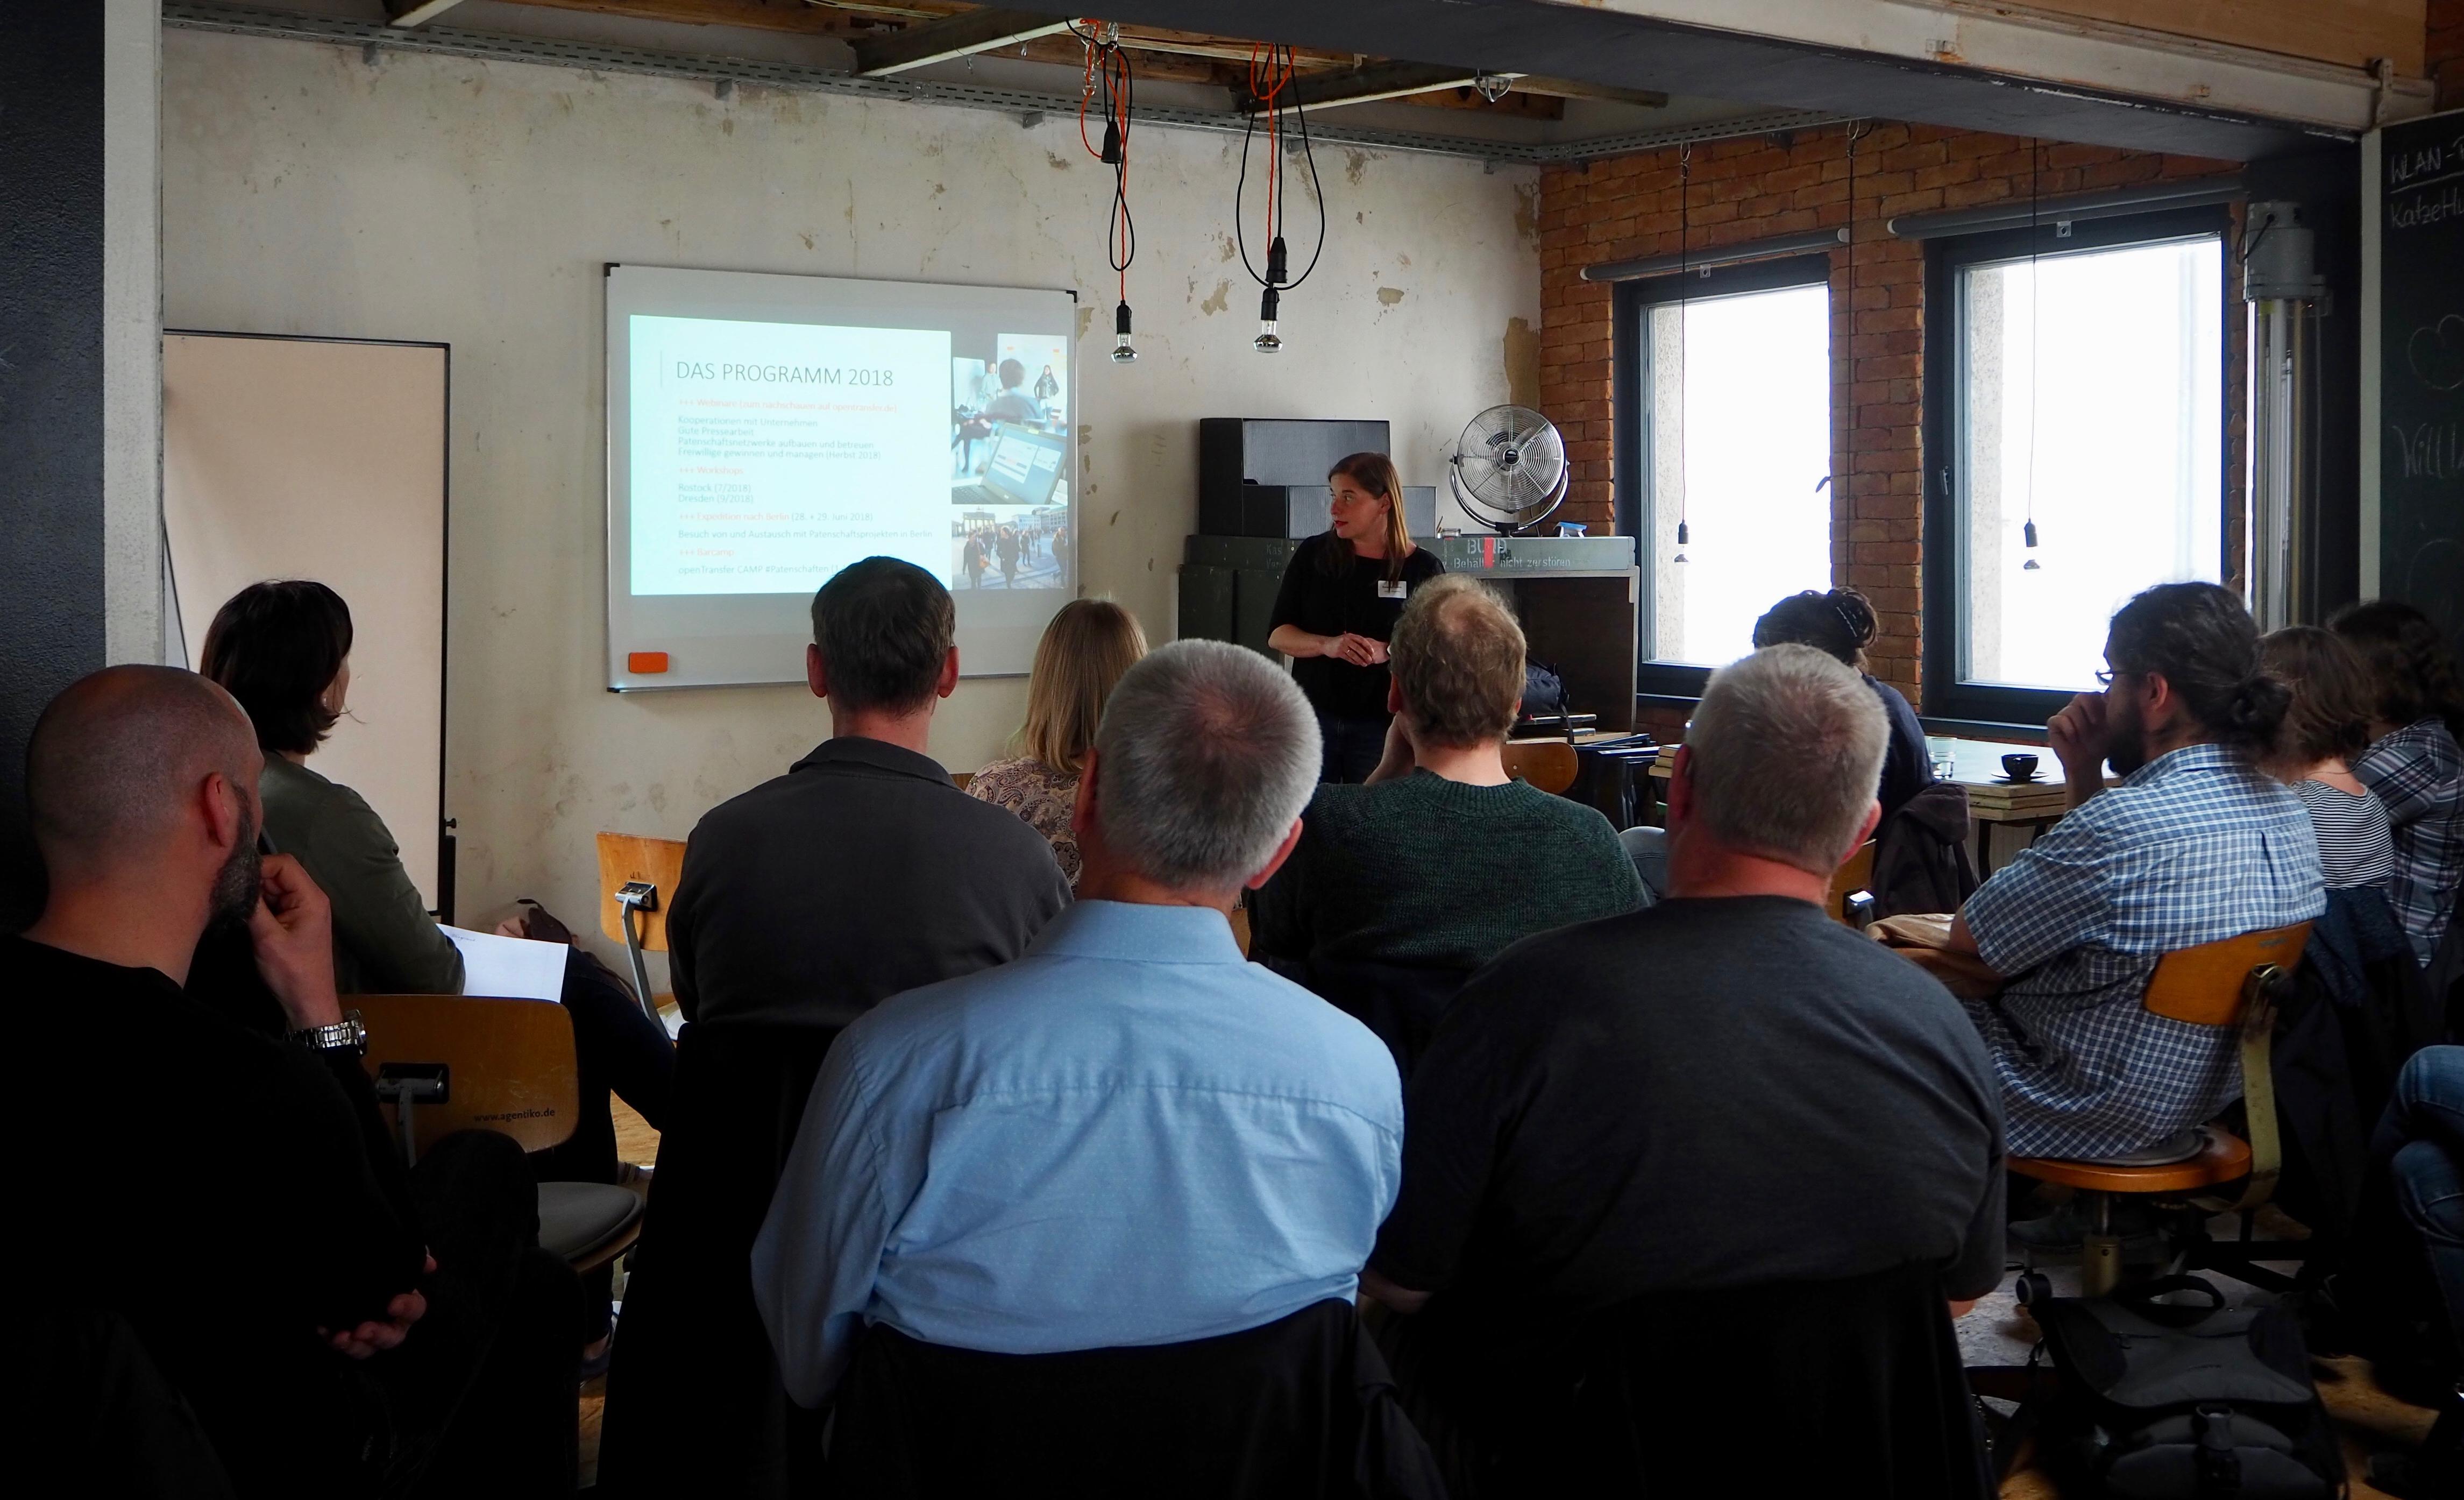 Foto des openTransfer Workshops